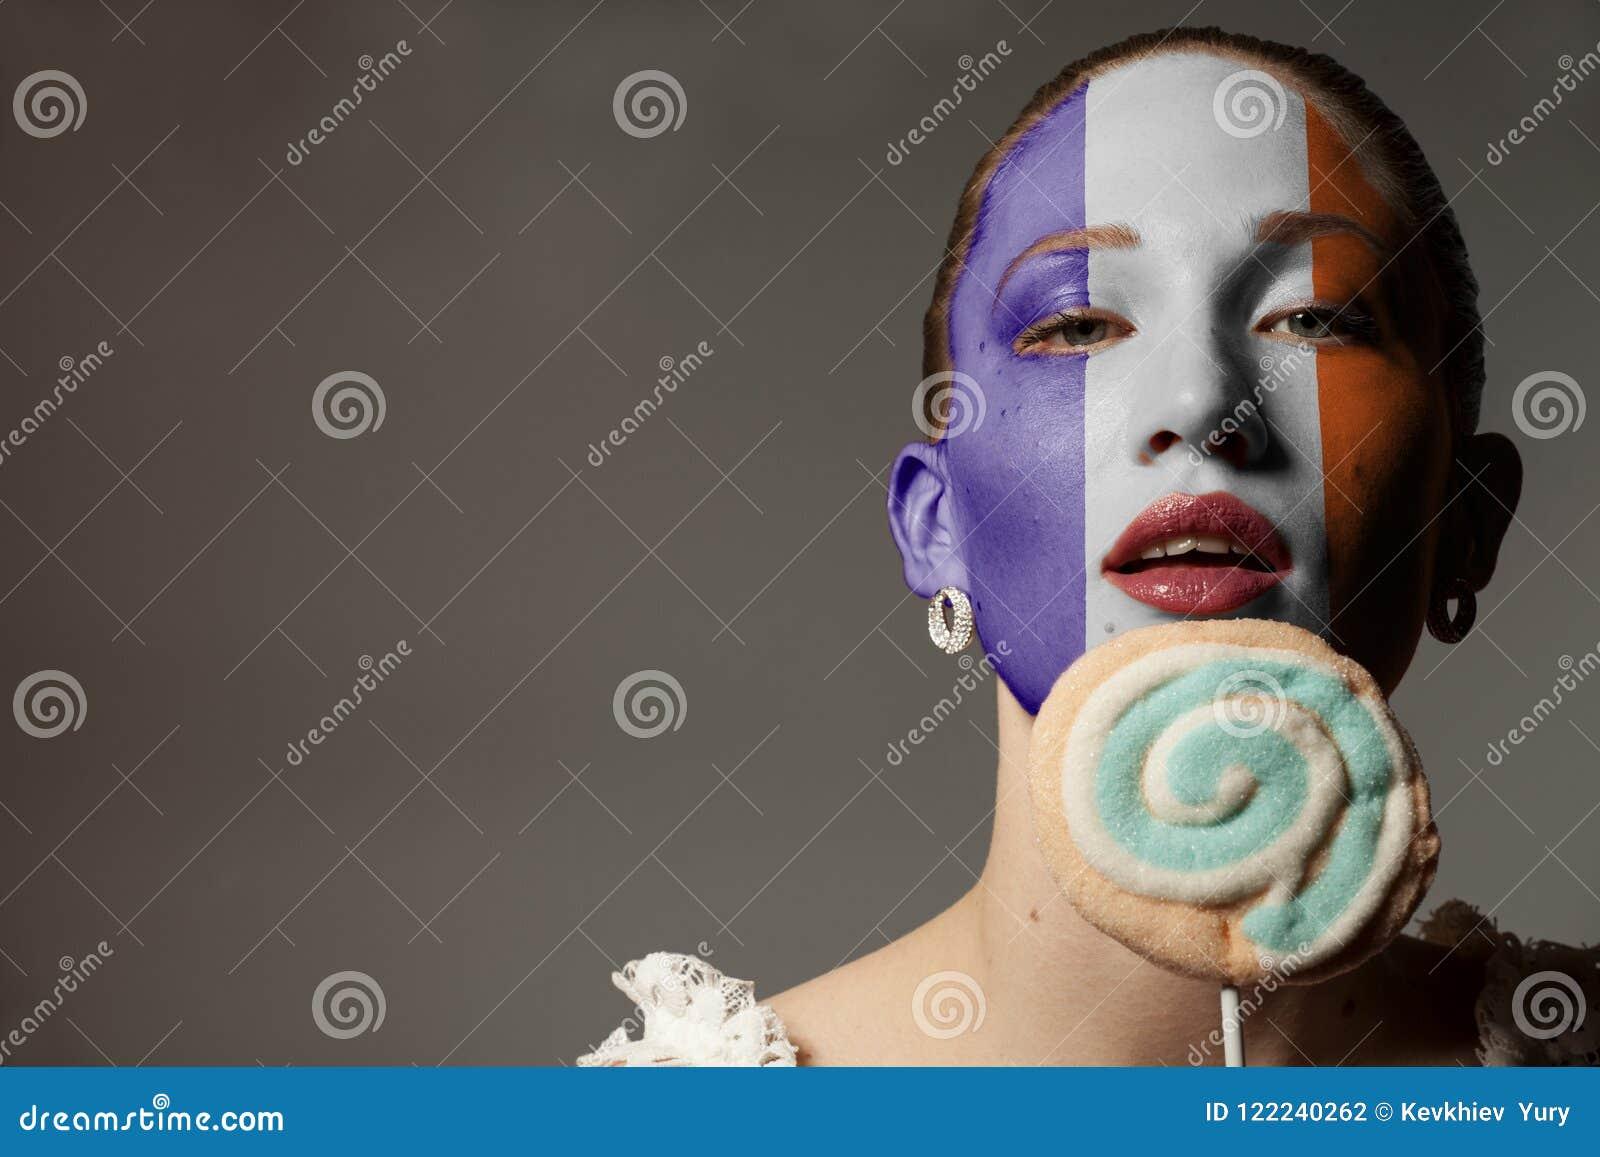 Porträt-Schönheits-Frau mit gemalter Frankreich-Flagge, die bunten Lutscher hält